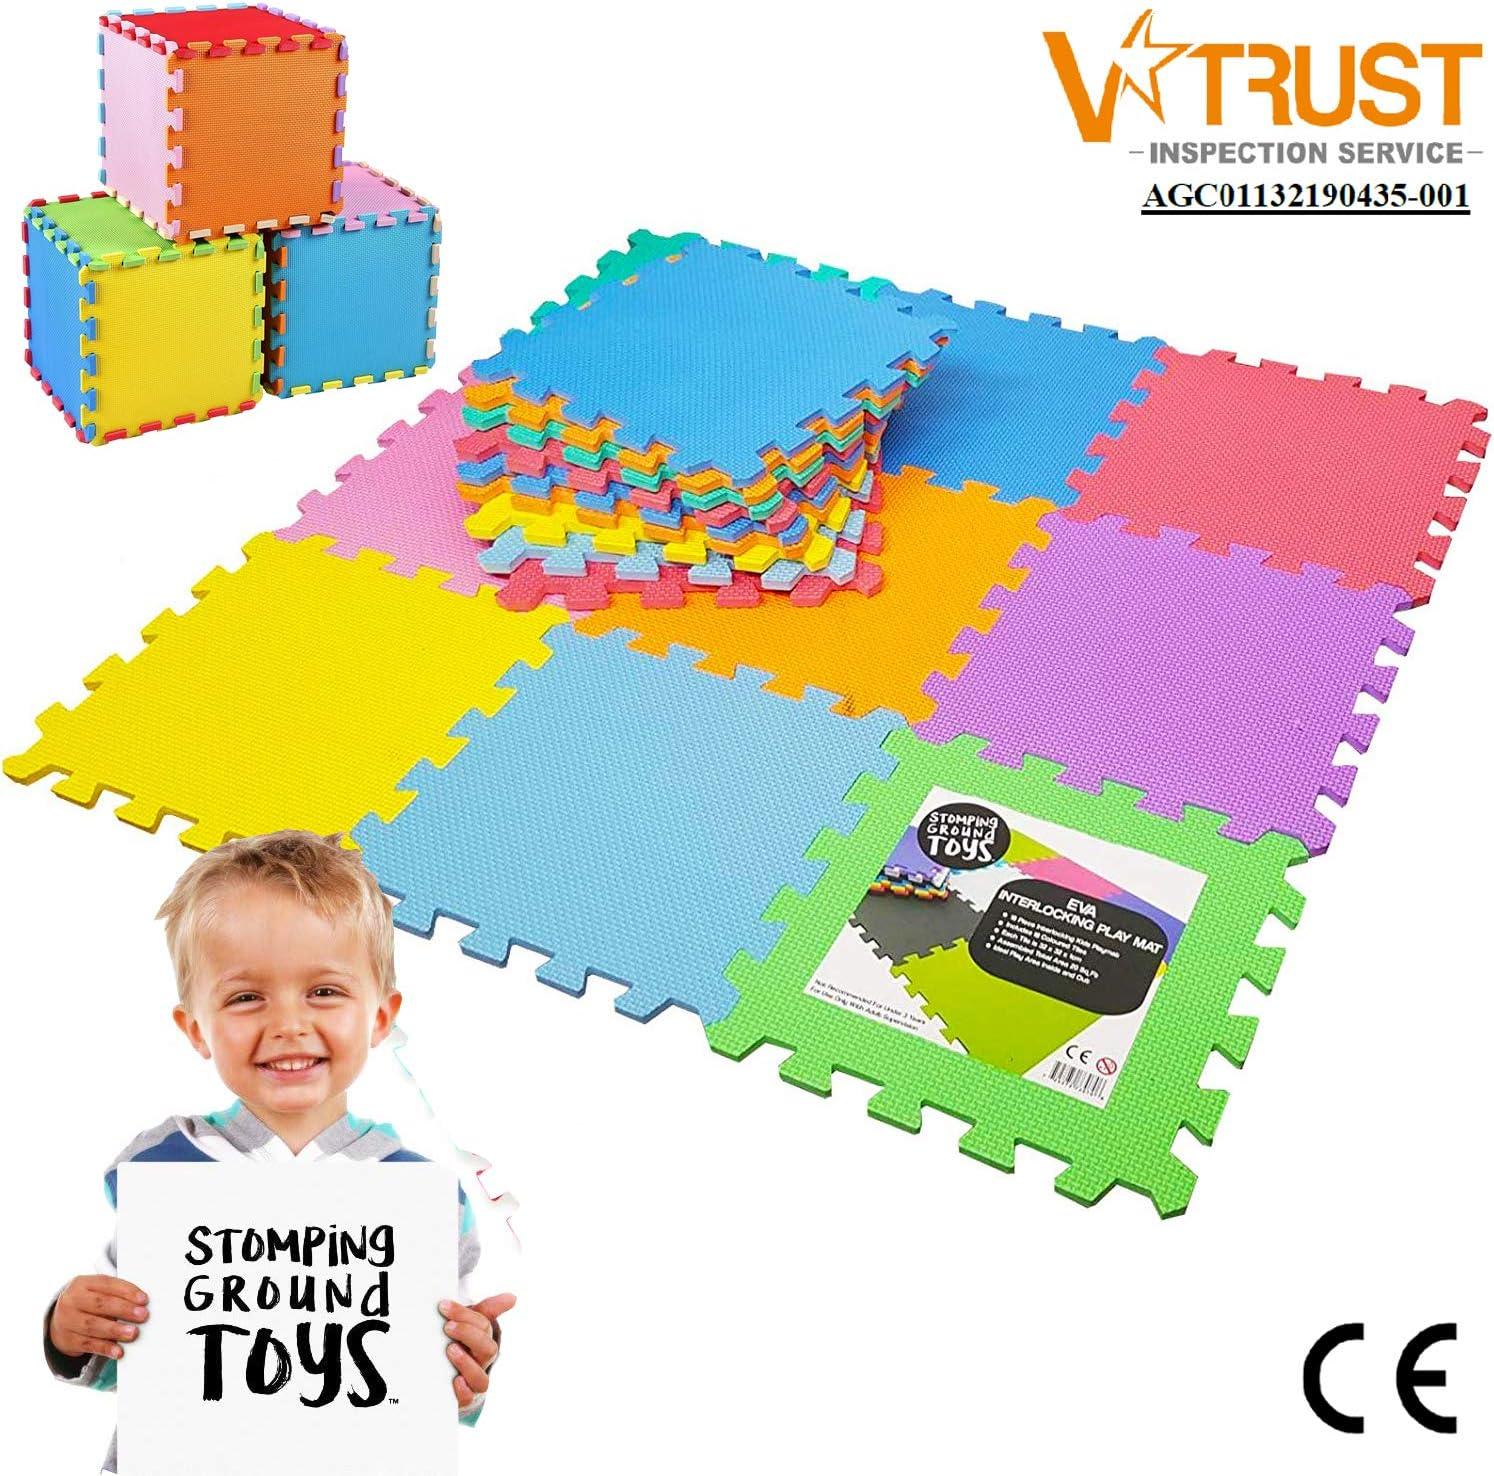 Stomping Ground Toys - 20 Alfombras Puzzle EVA Coloridas Alfombras de Foam Encajables para Actividades Infantiles en el Piso